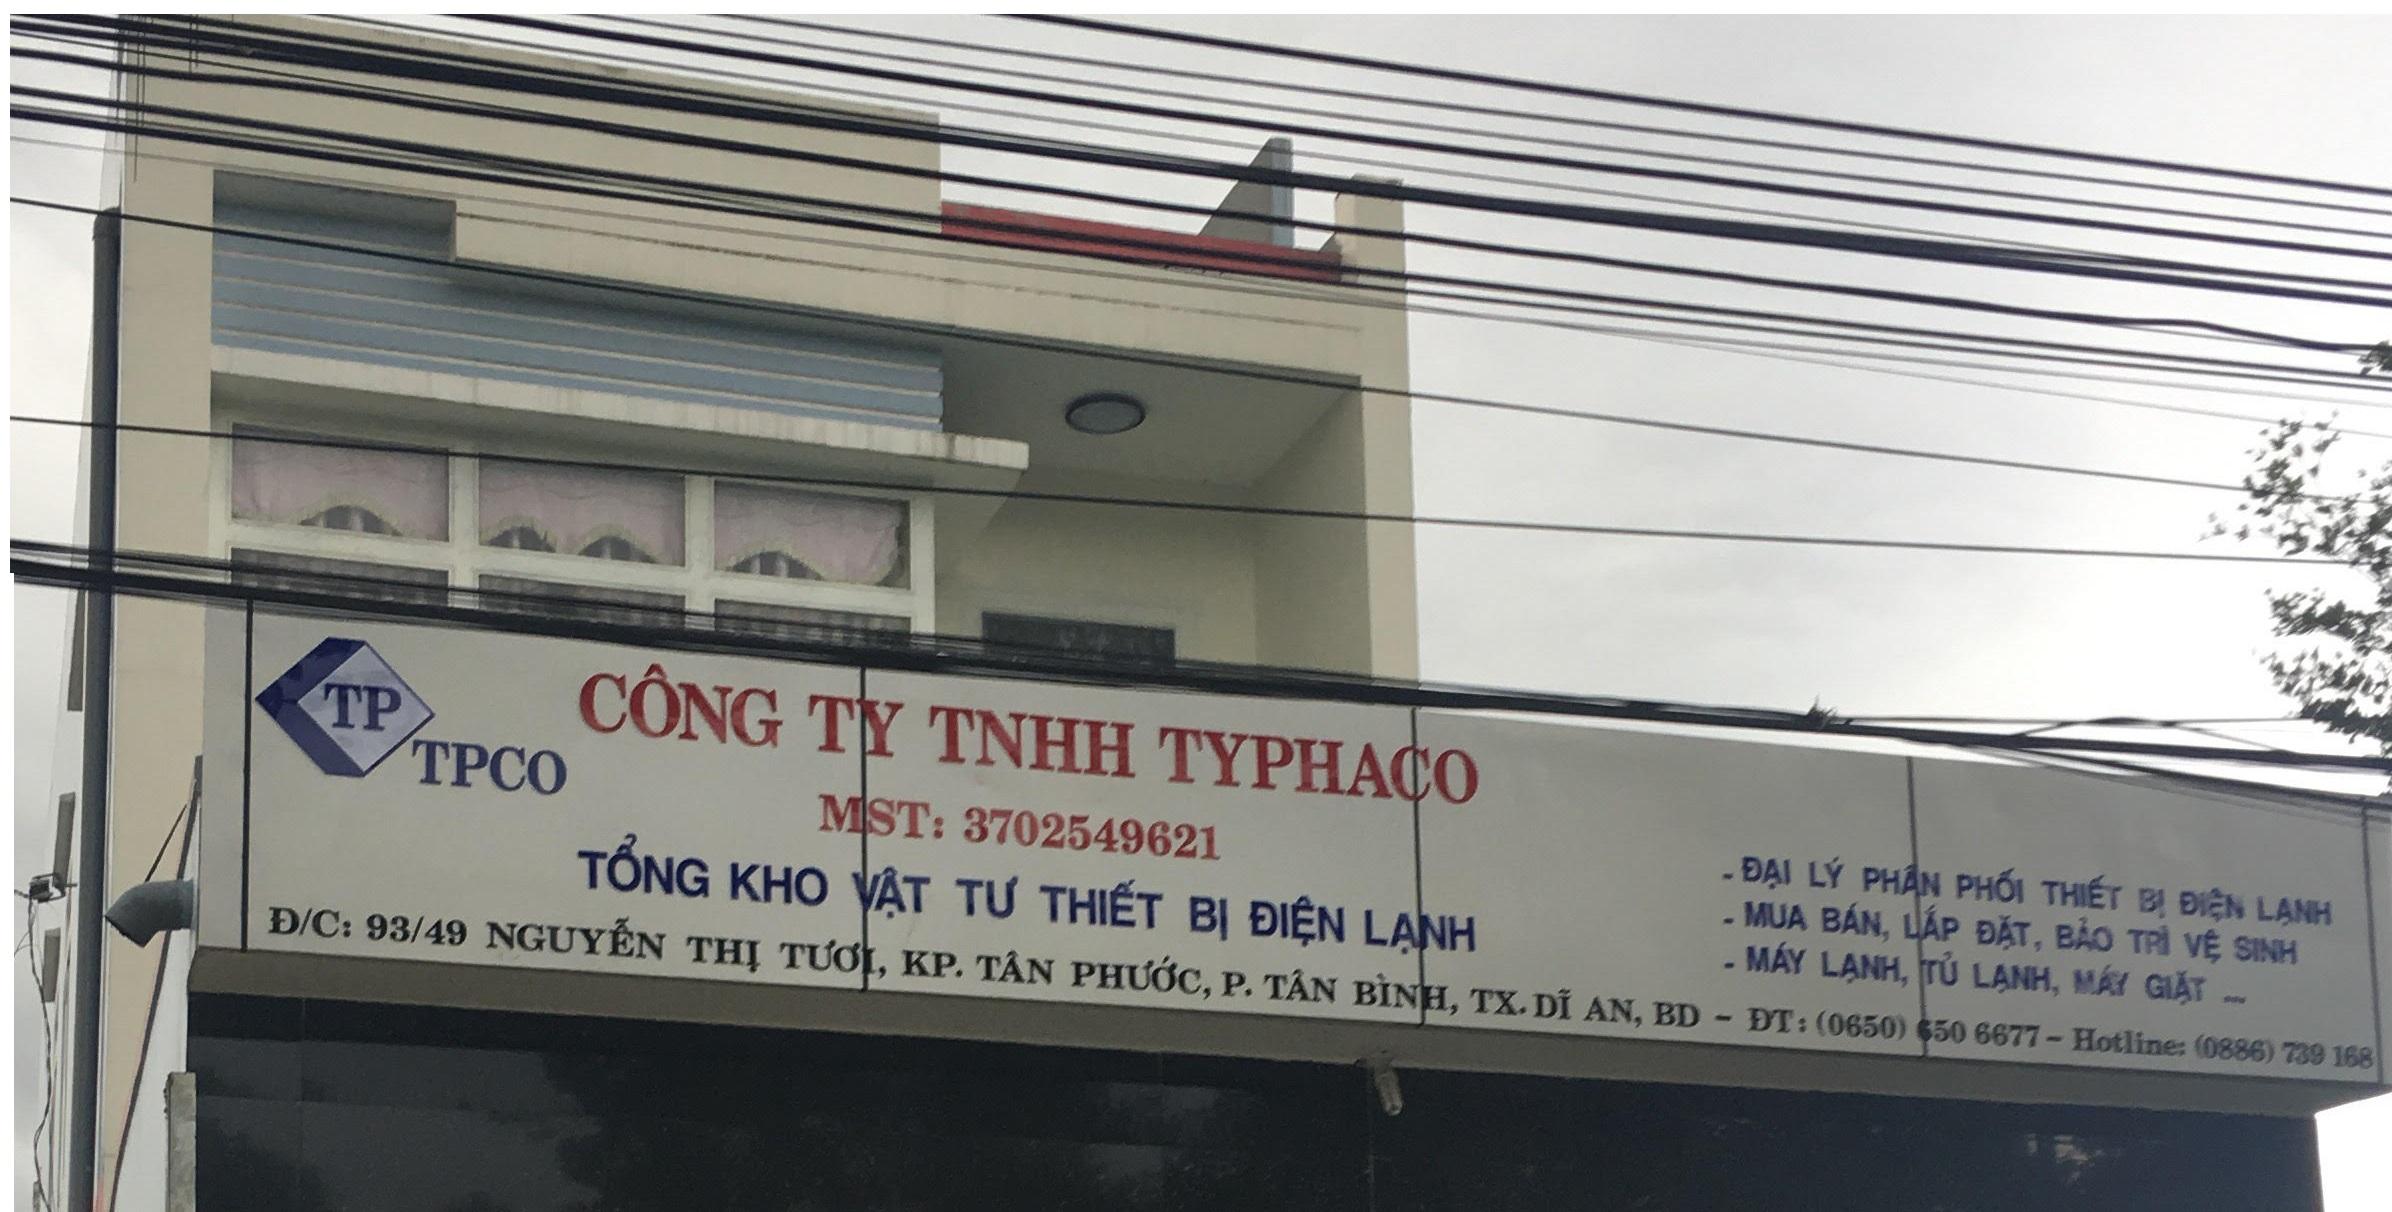 sửa máy lạnh tại tân uyên bình dương- dienlanhtyphaco.com 2